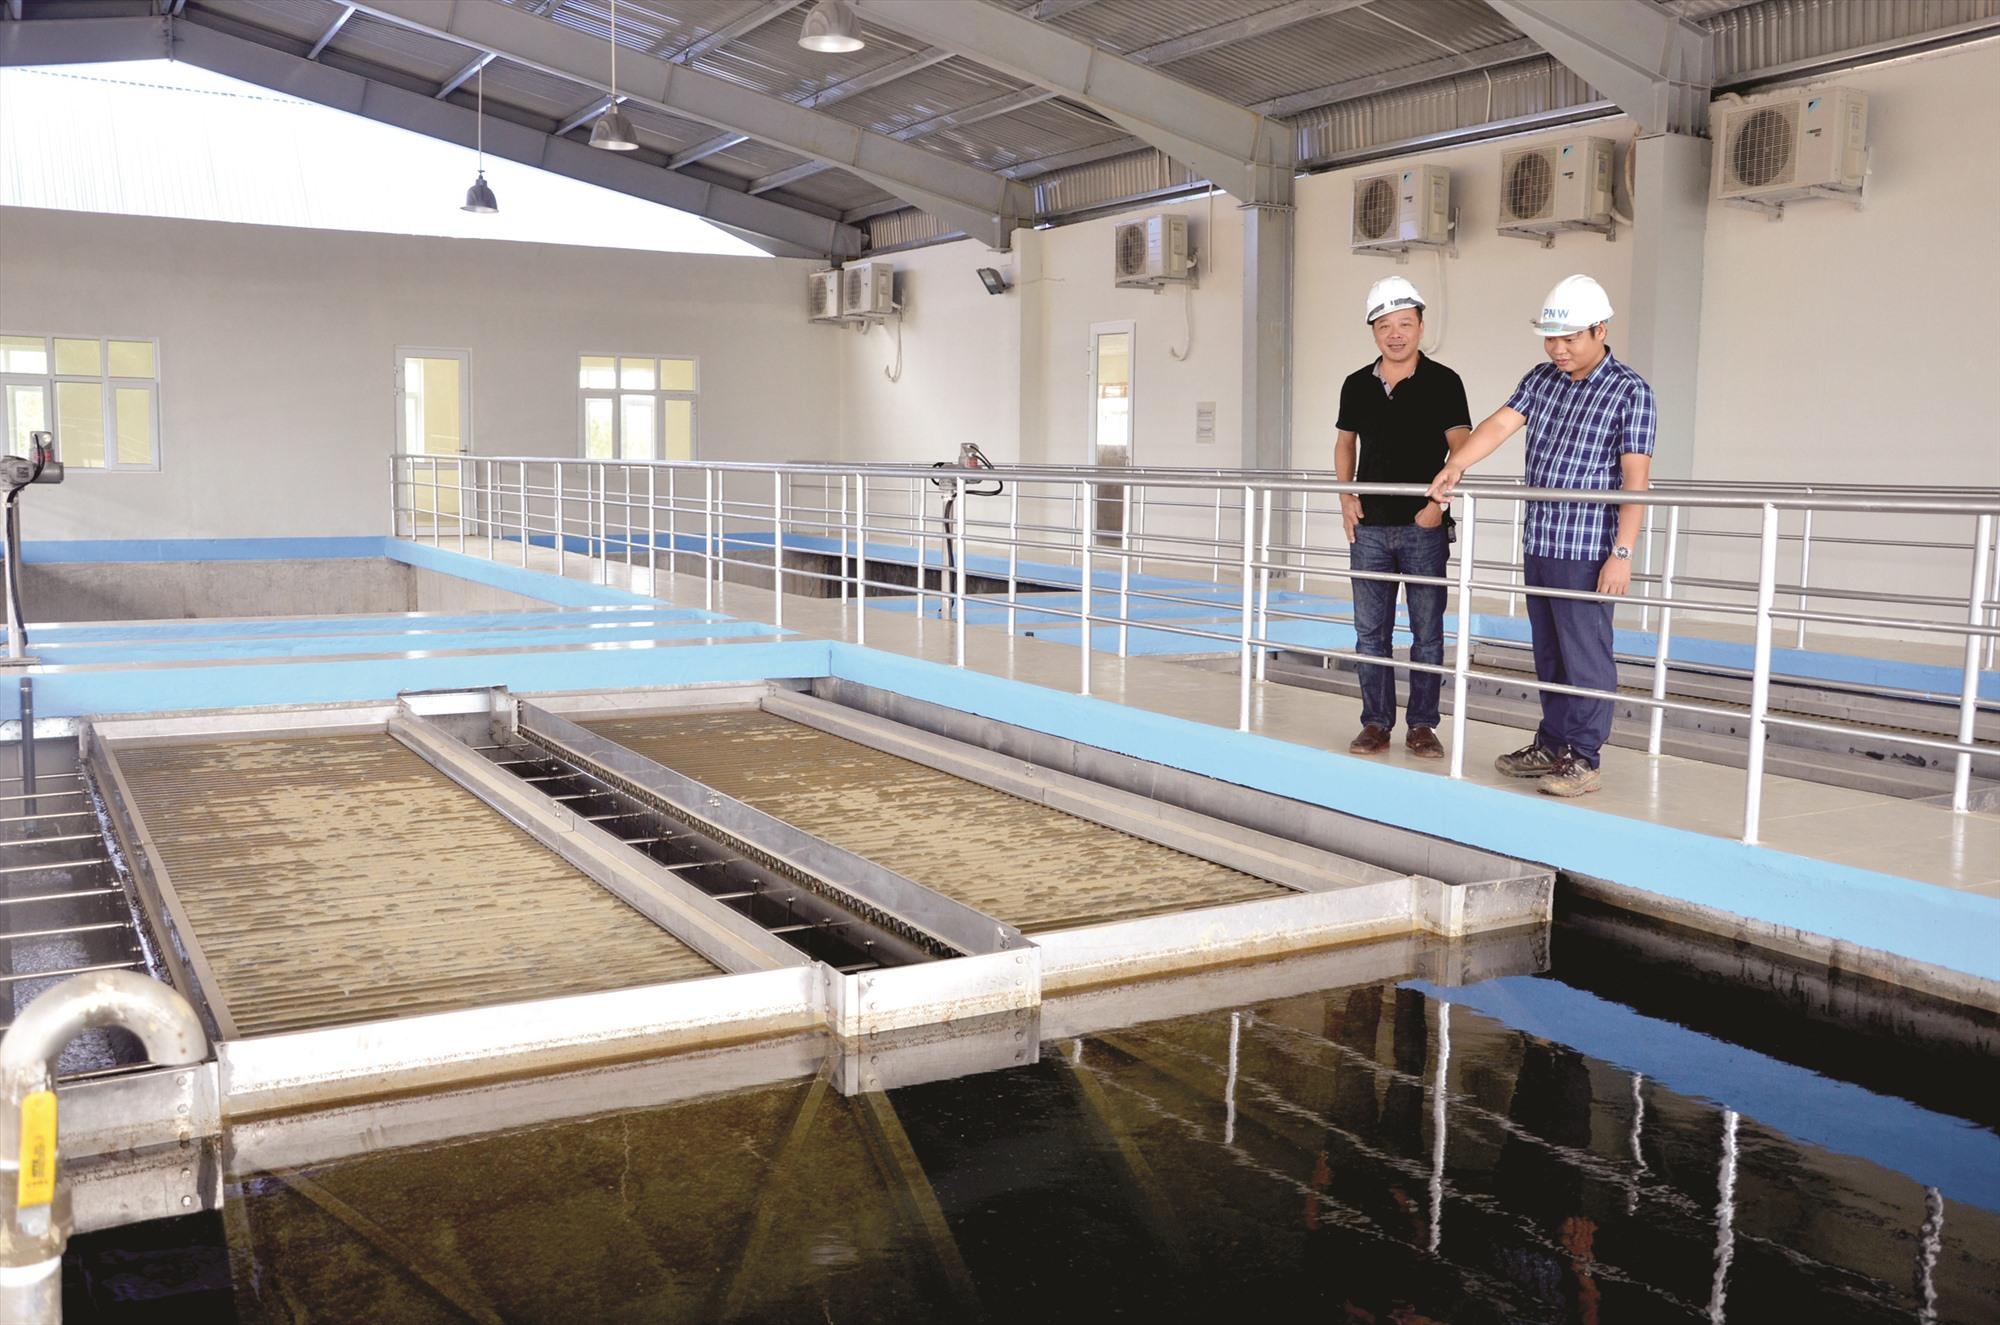 Hệ thống xử lý nước sạch ở nhà máy nước Phú Ninh. Ảnh: H.P